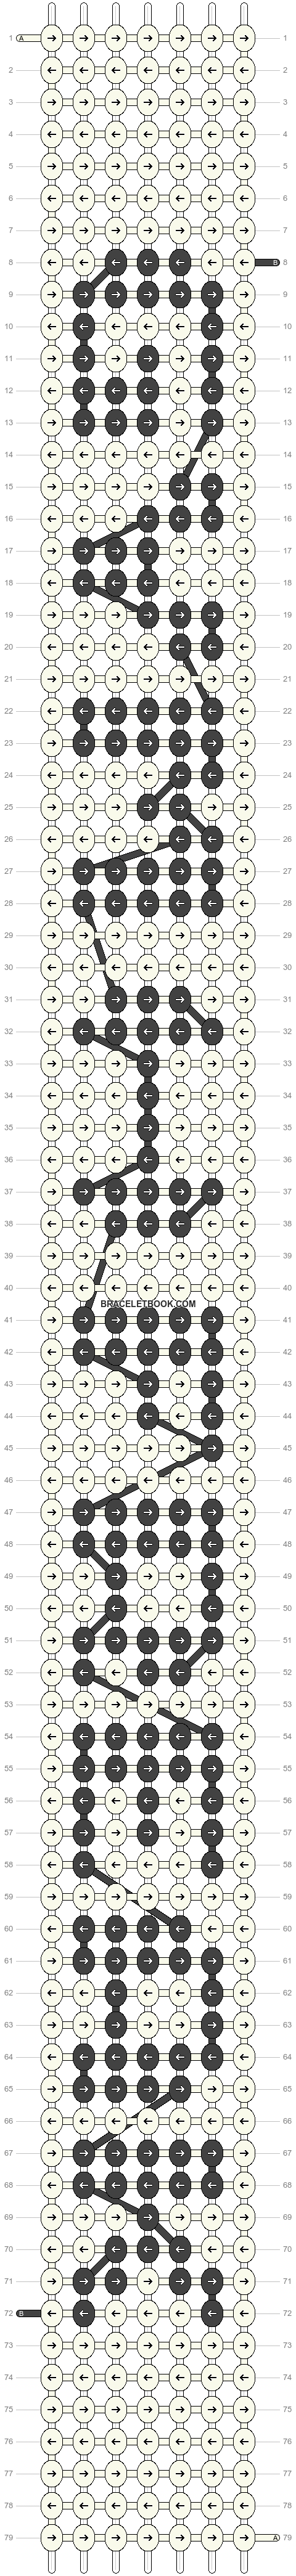 Alpha Pattern #11646 added by Adik